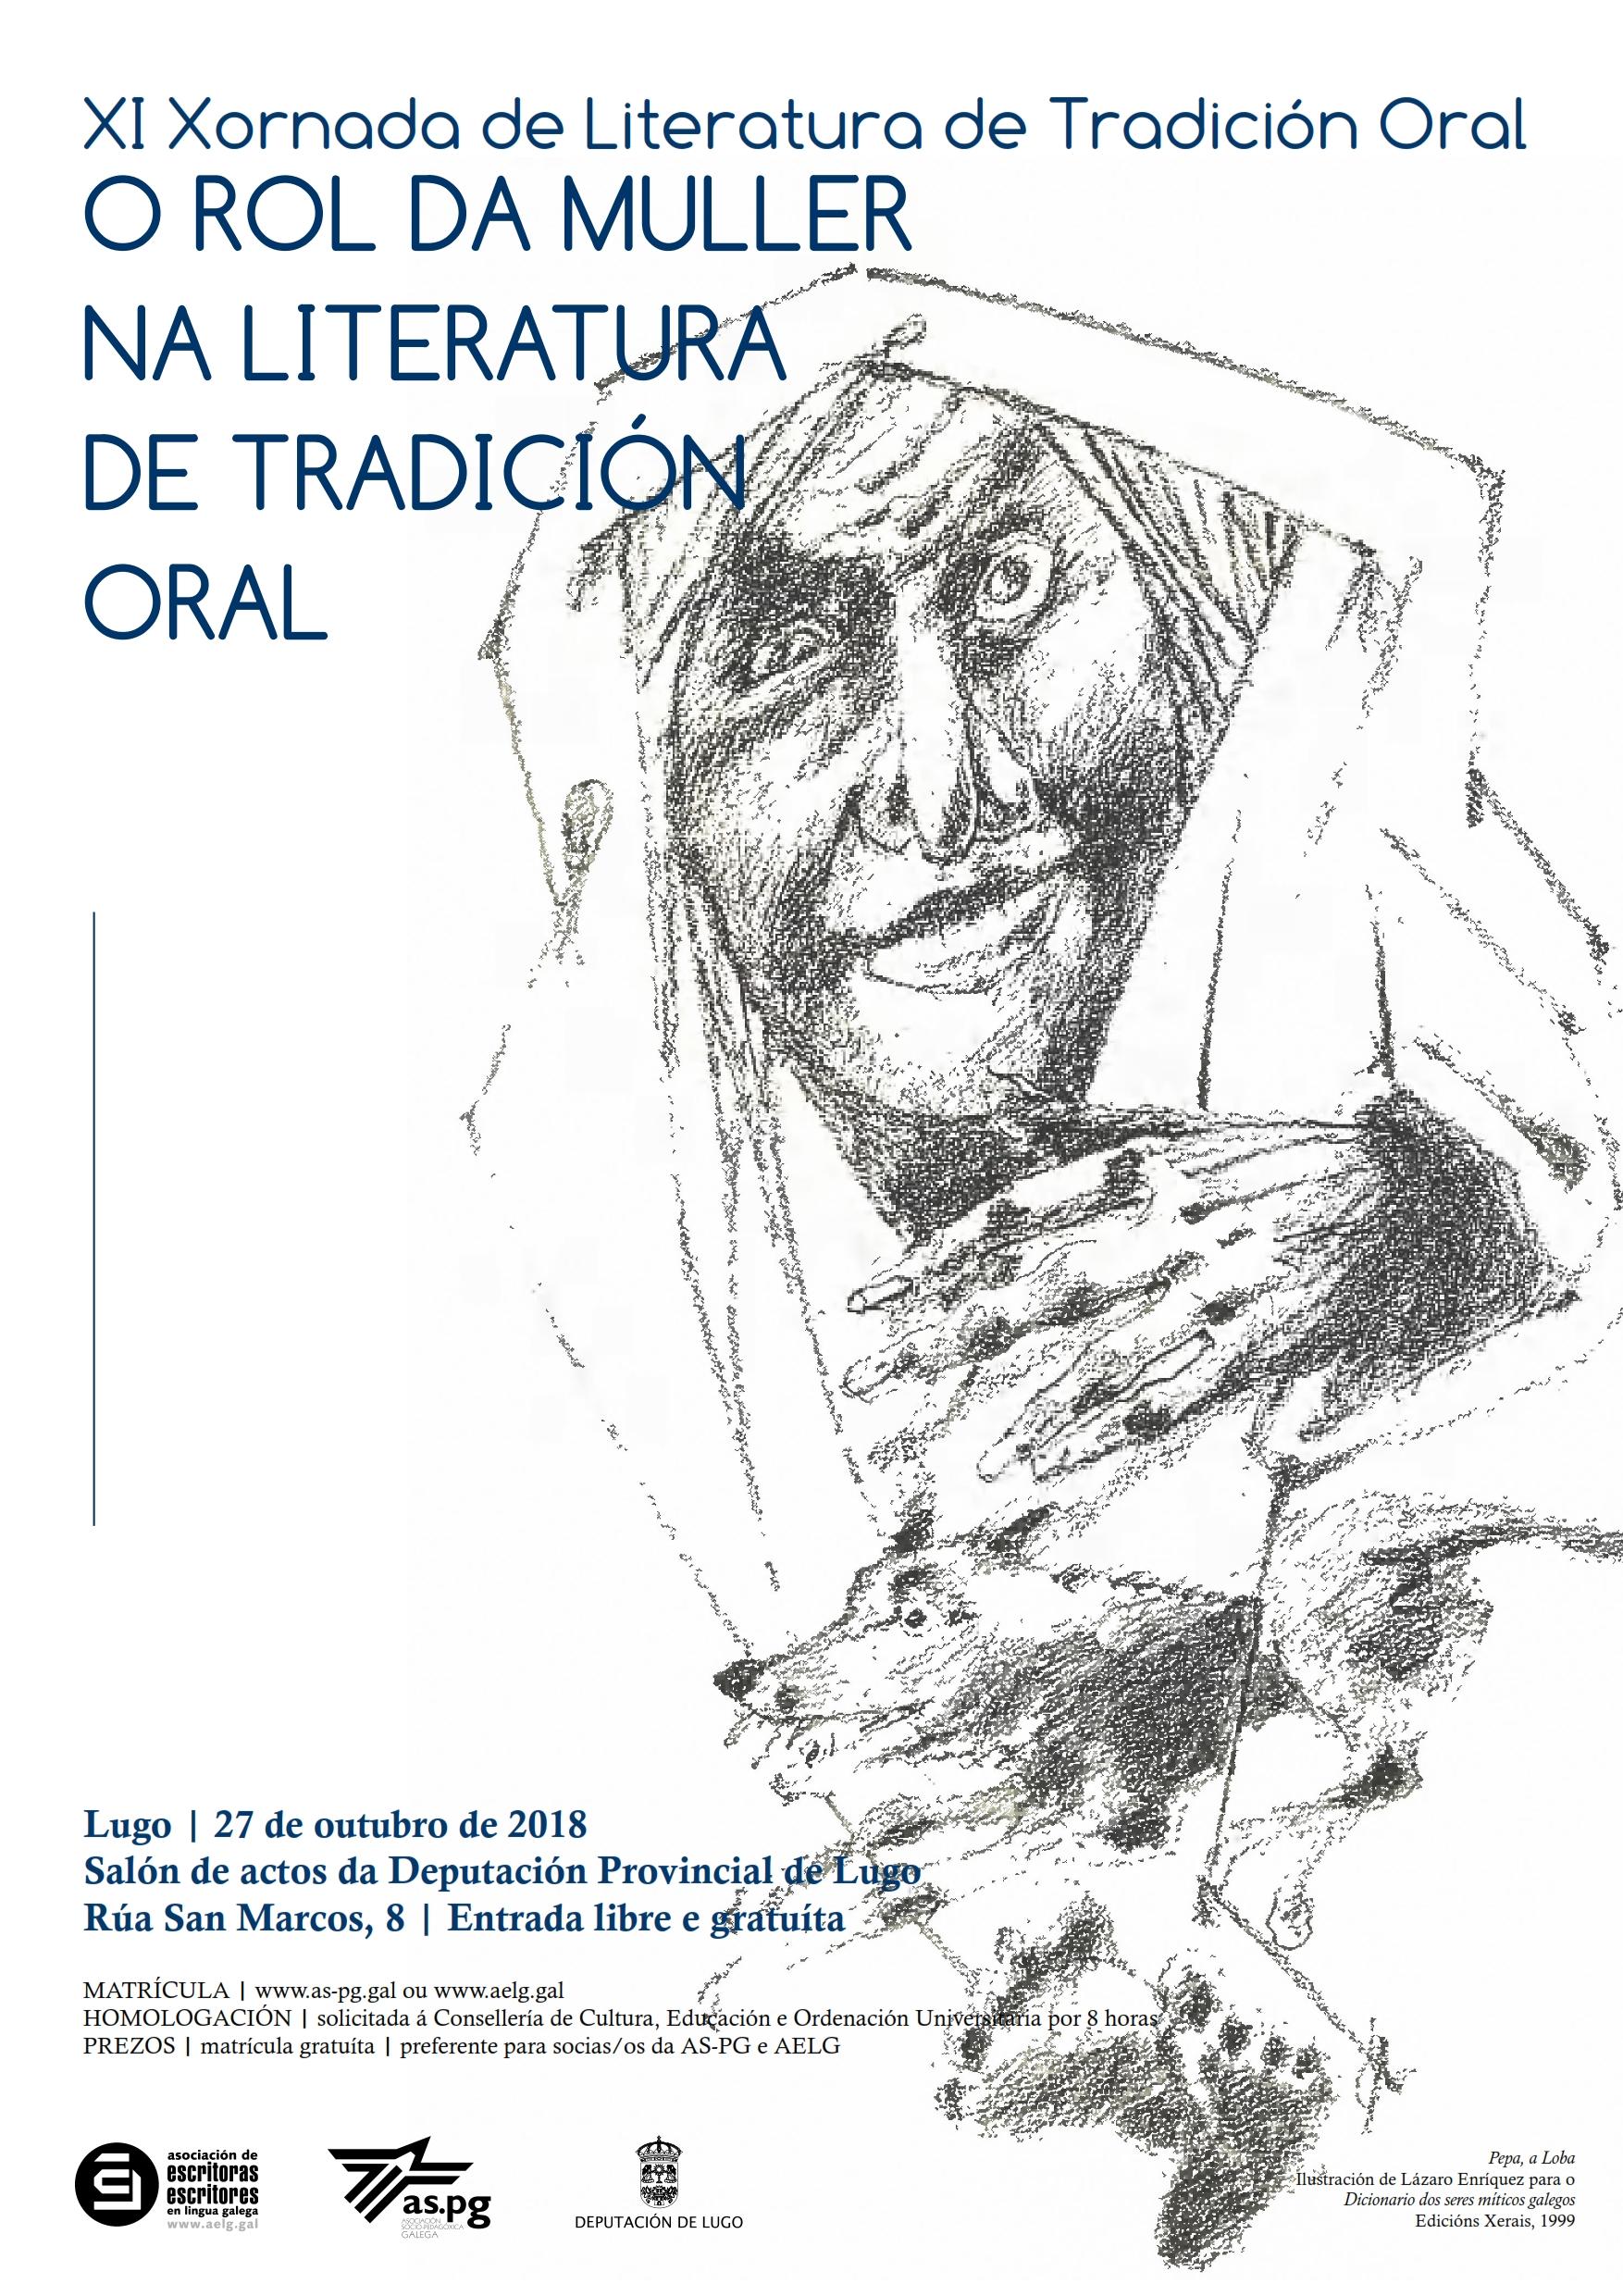 http://vivalugo.es/wp-content/uploads/2018/09/muller-literatura-lugo.jpg